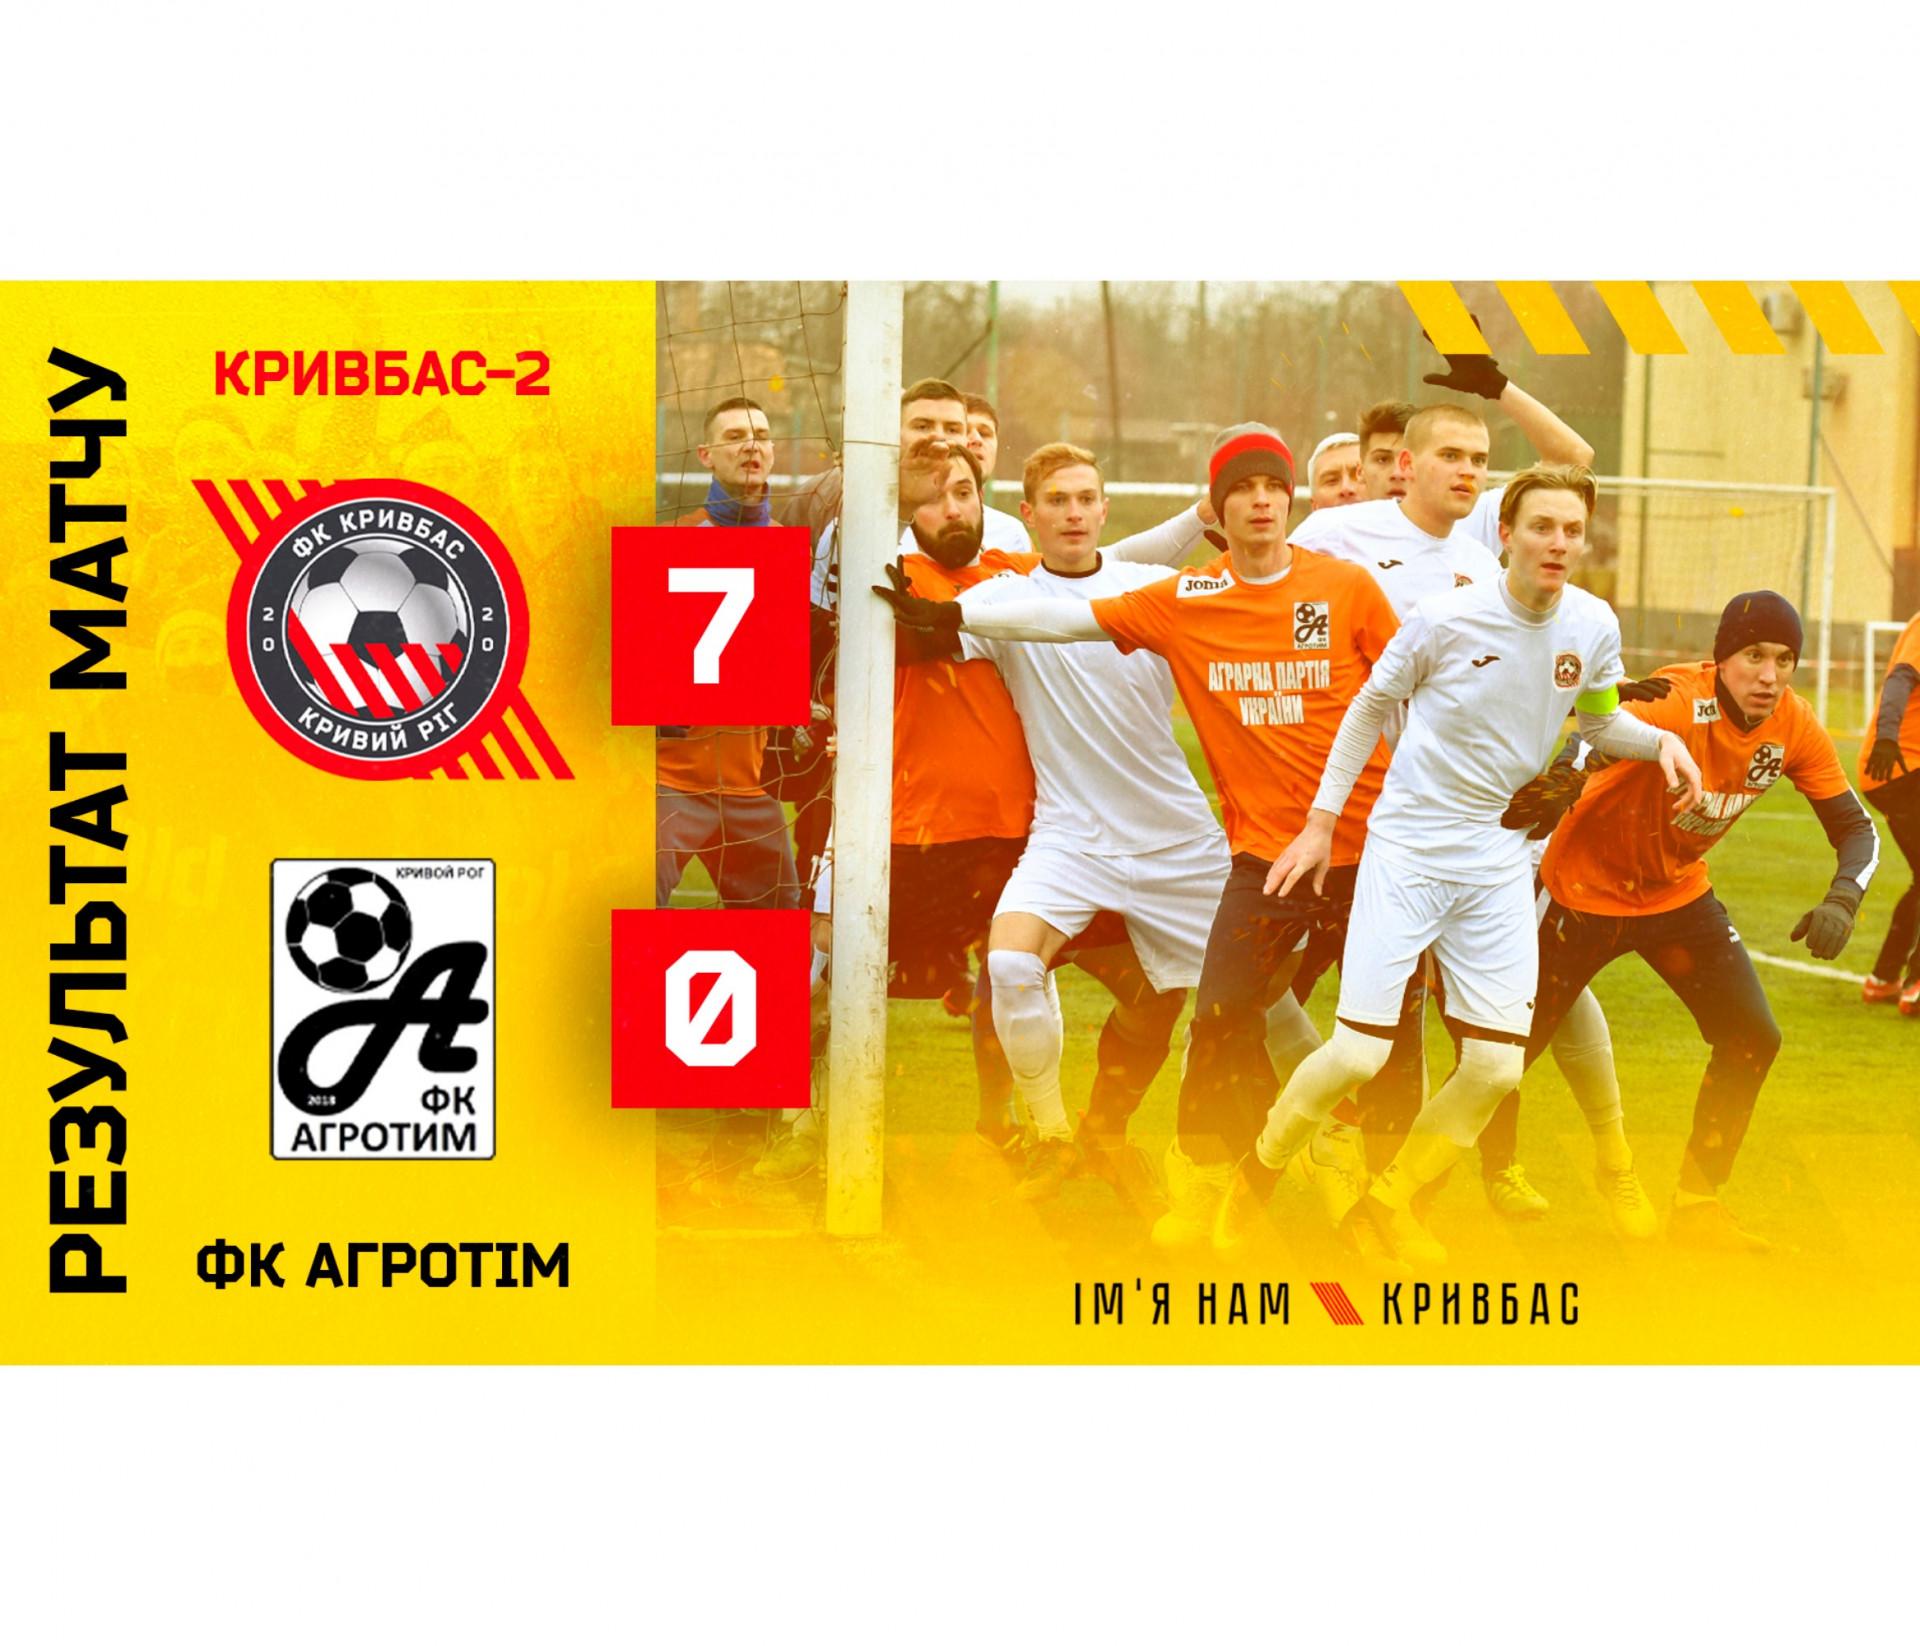 """""""Кривбас-2"""" - """"Агротім"""" 7:0}"""